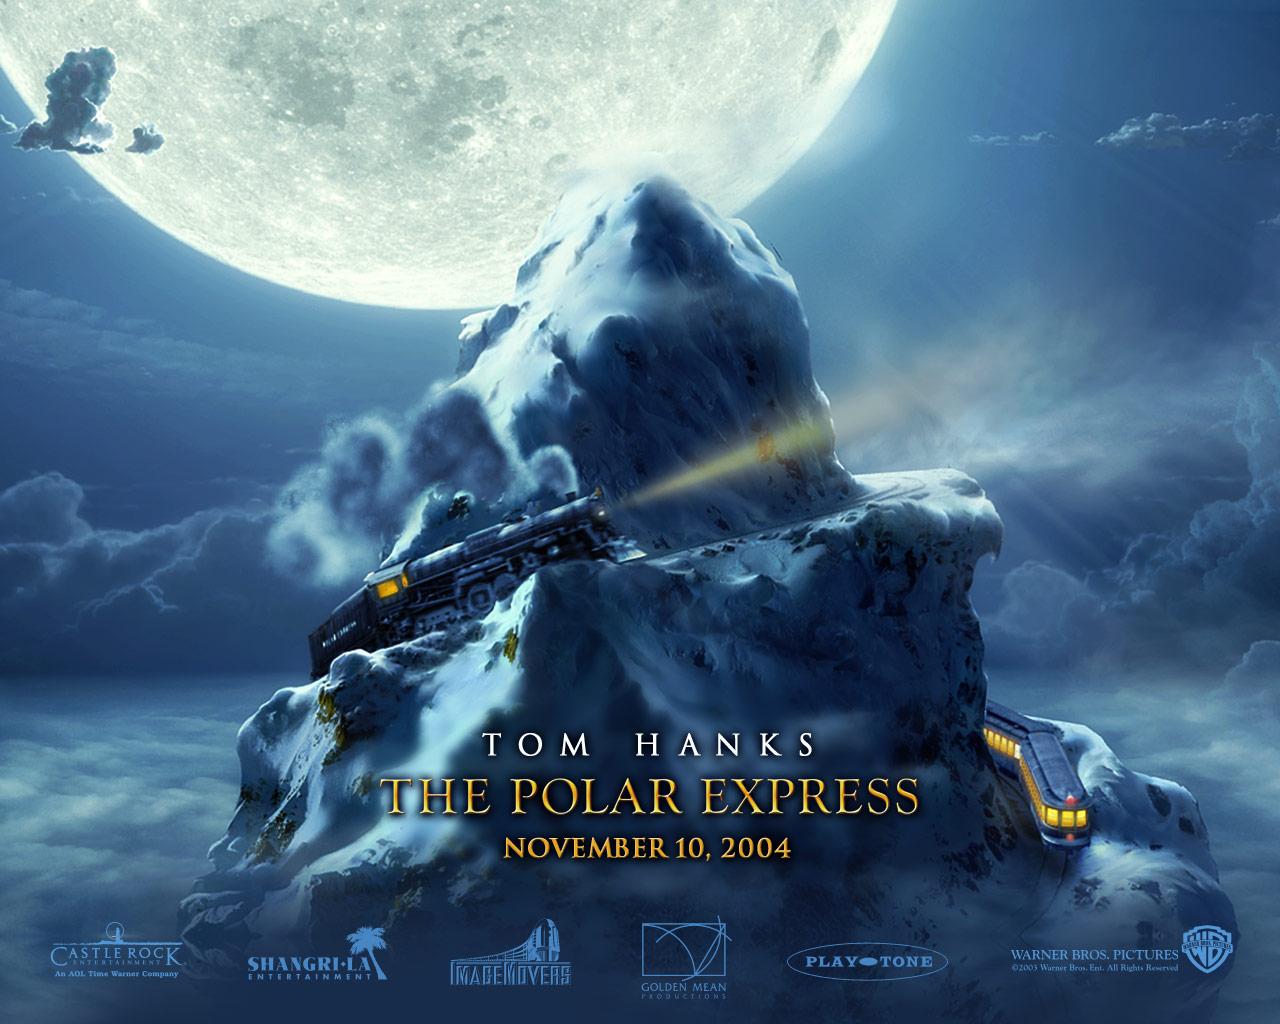 The Polar Express - Wallpaper